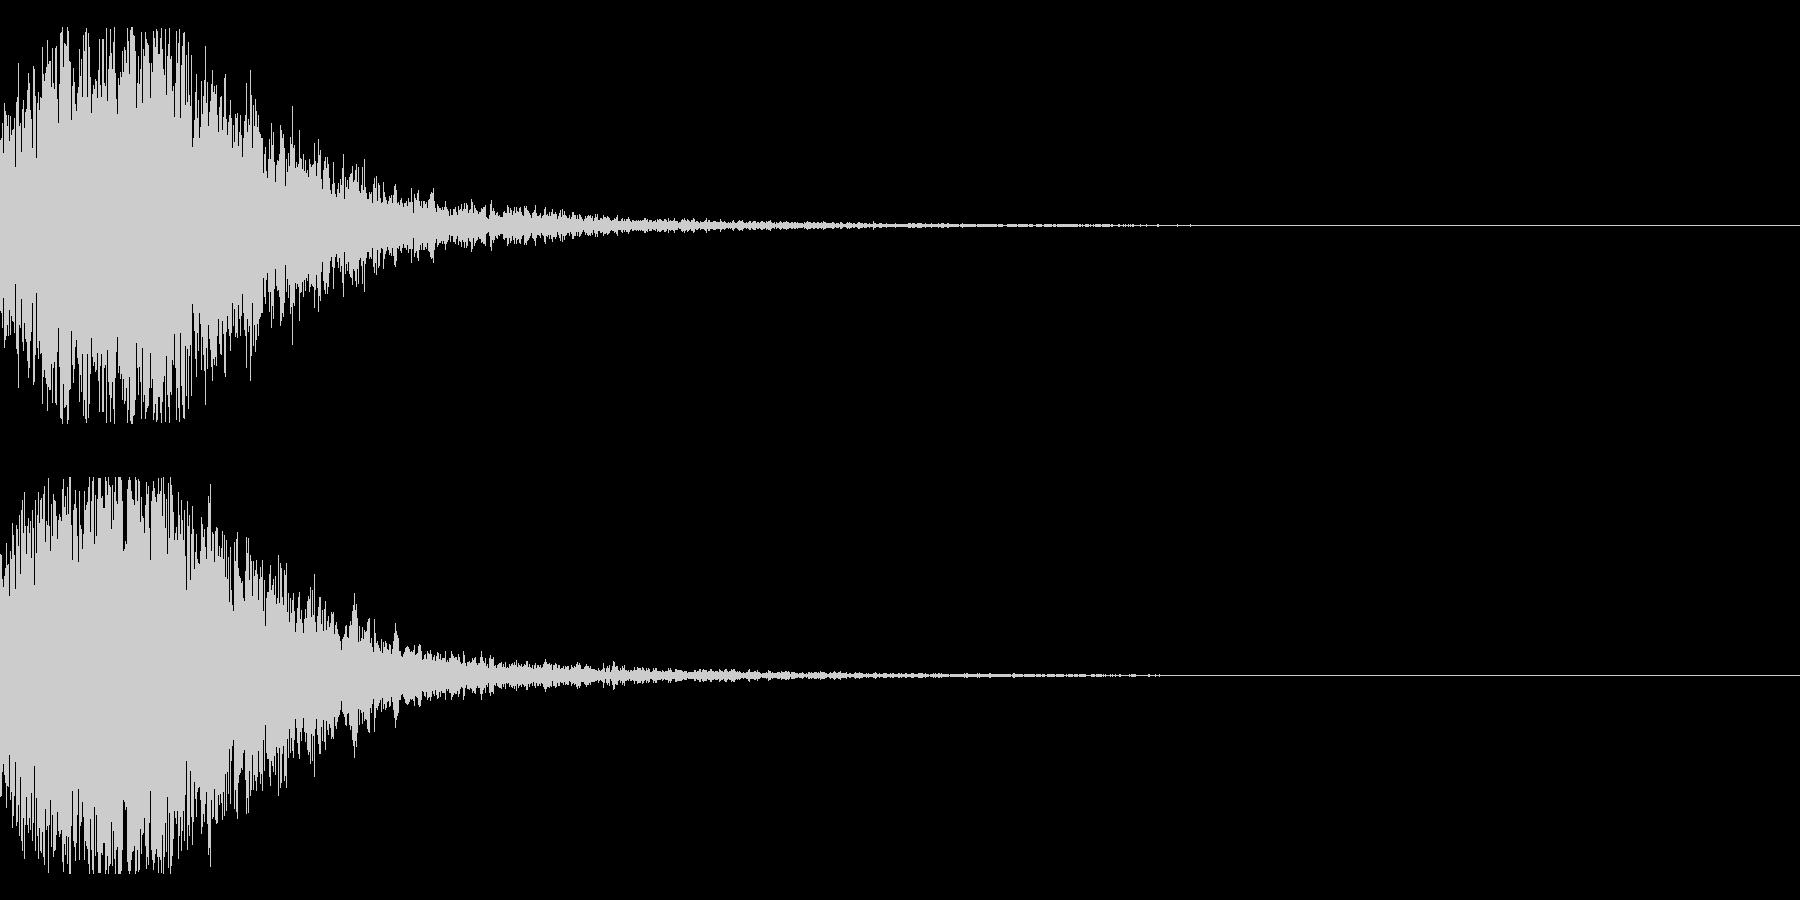 和風 オーケストラヒット ジングル!02の未再生の波形